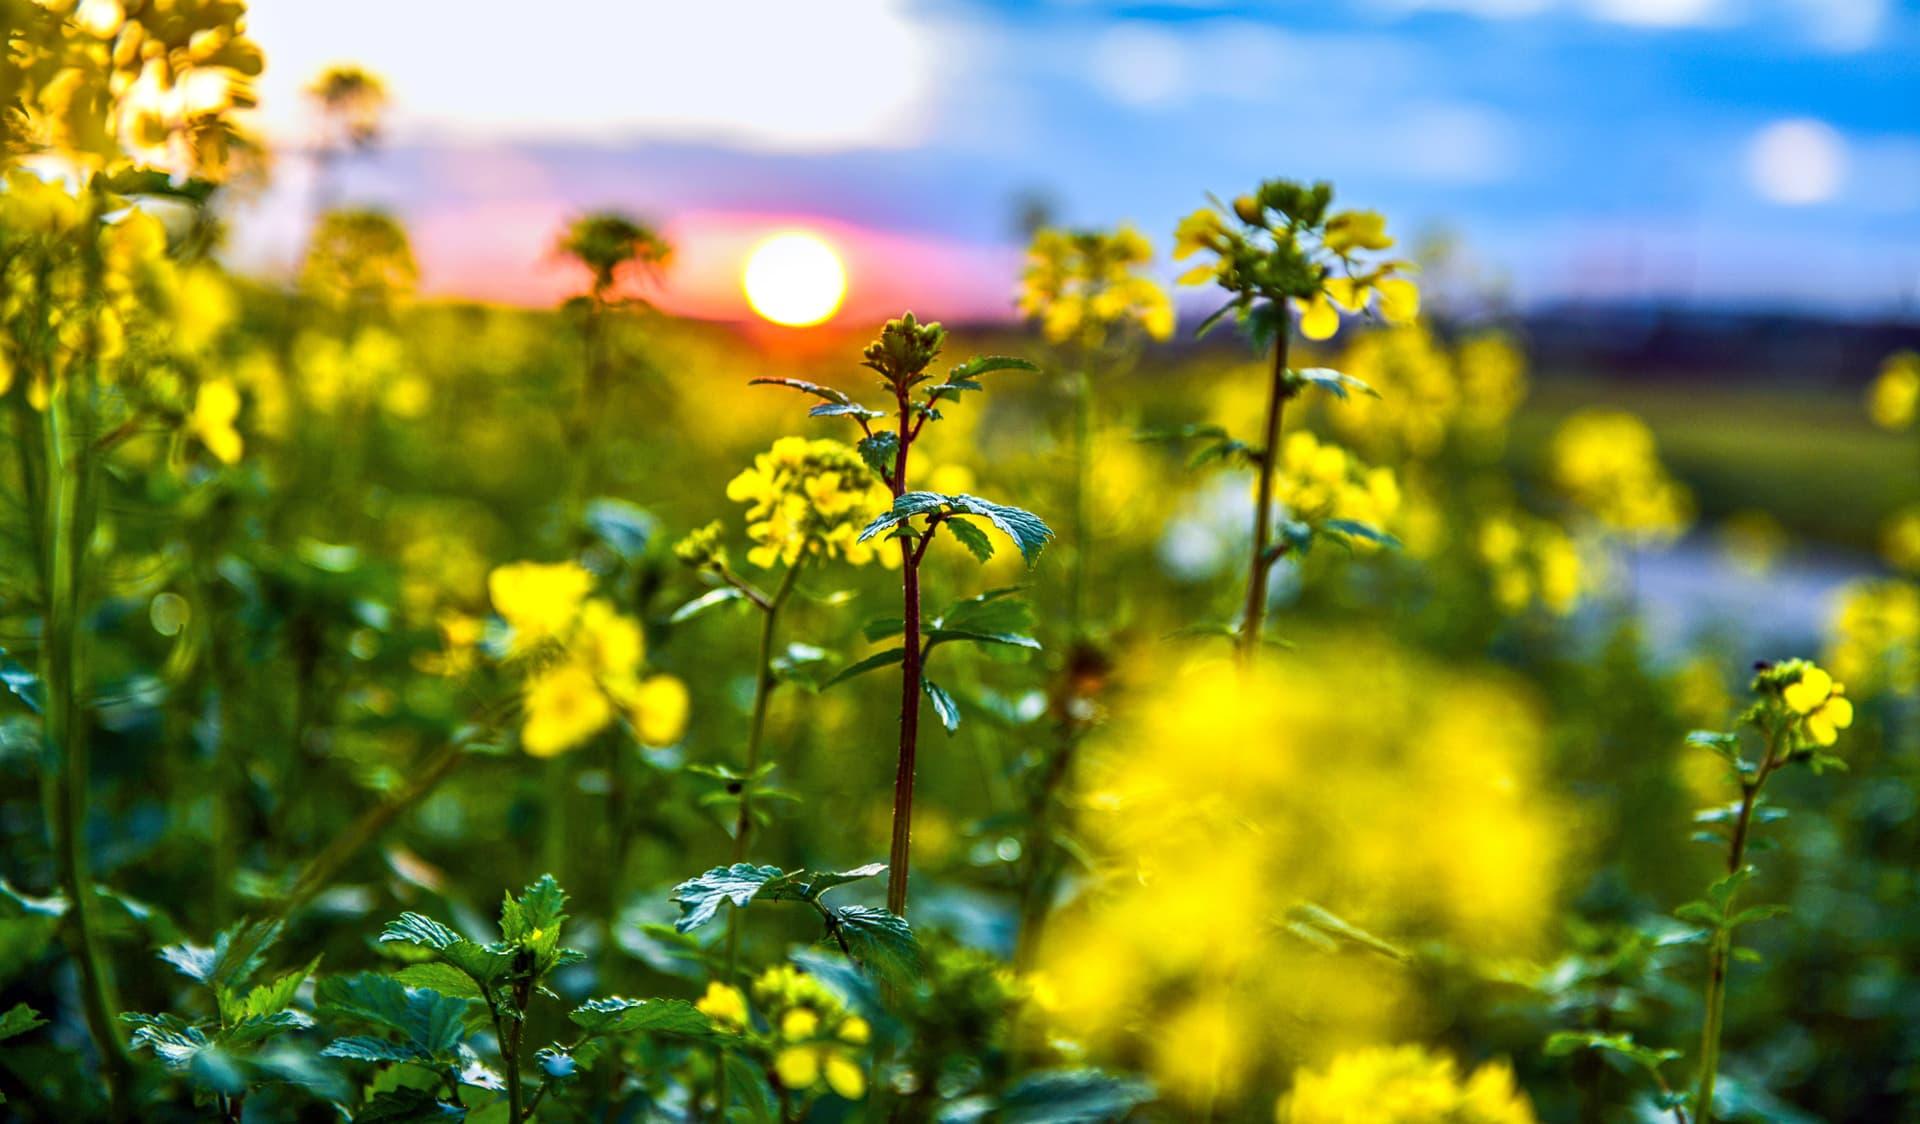 Gelb blühendes Rapsfeld bei Sonnenaufgang